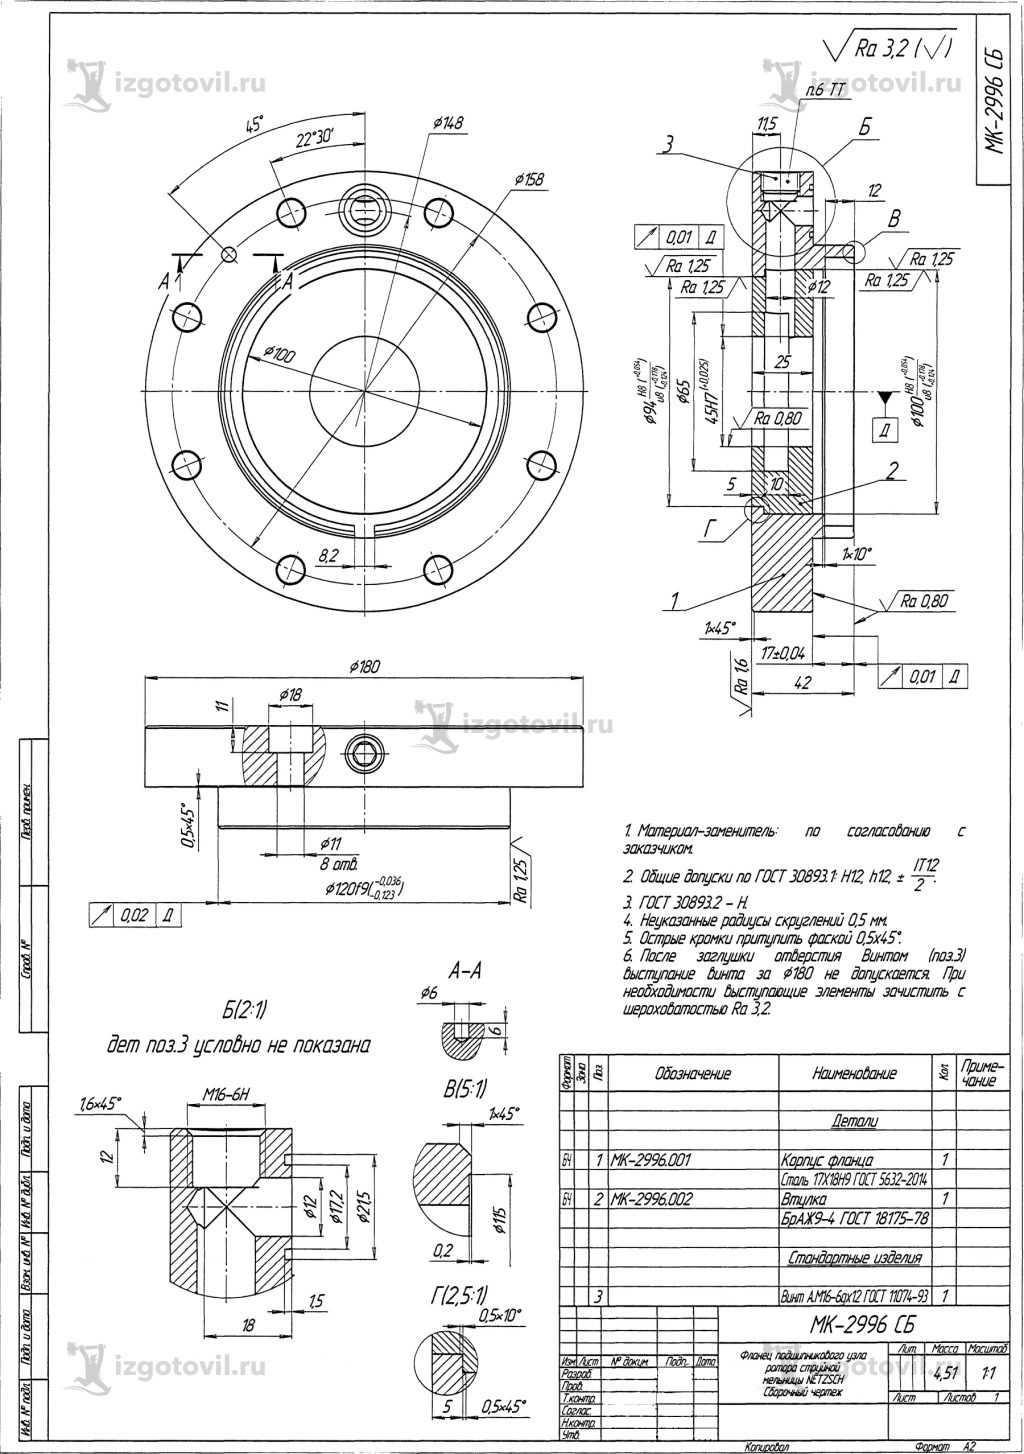 Металлообработка: изготовление фланца, вала и ступицы